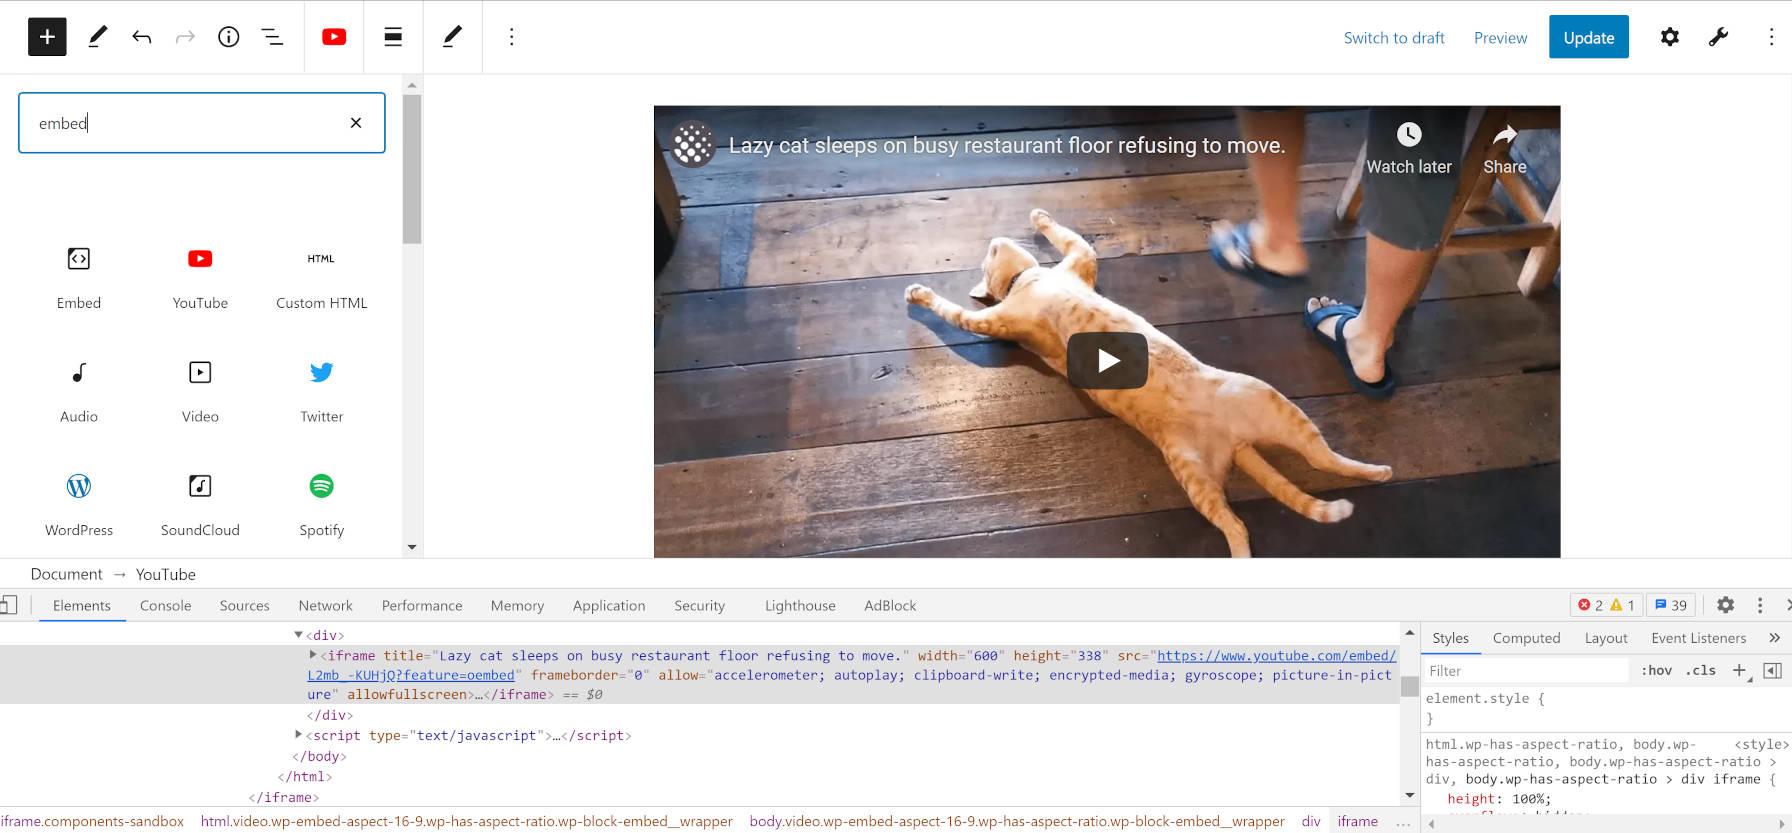 Affichage du code source d'une vidéo YouTube intégrée dans l'éditeur de blocs.